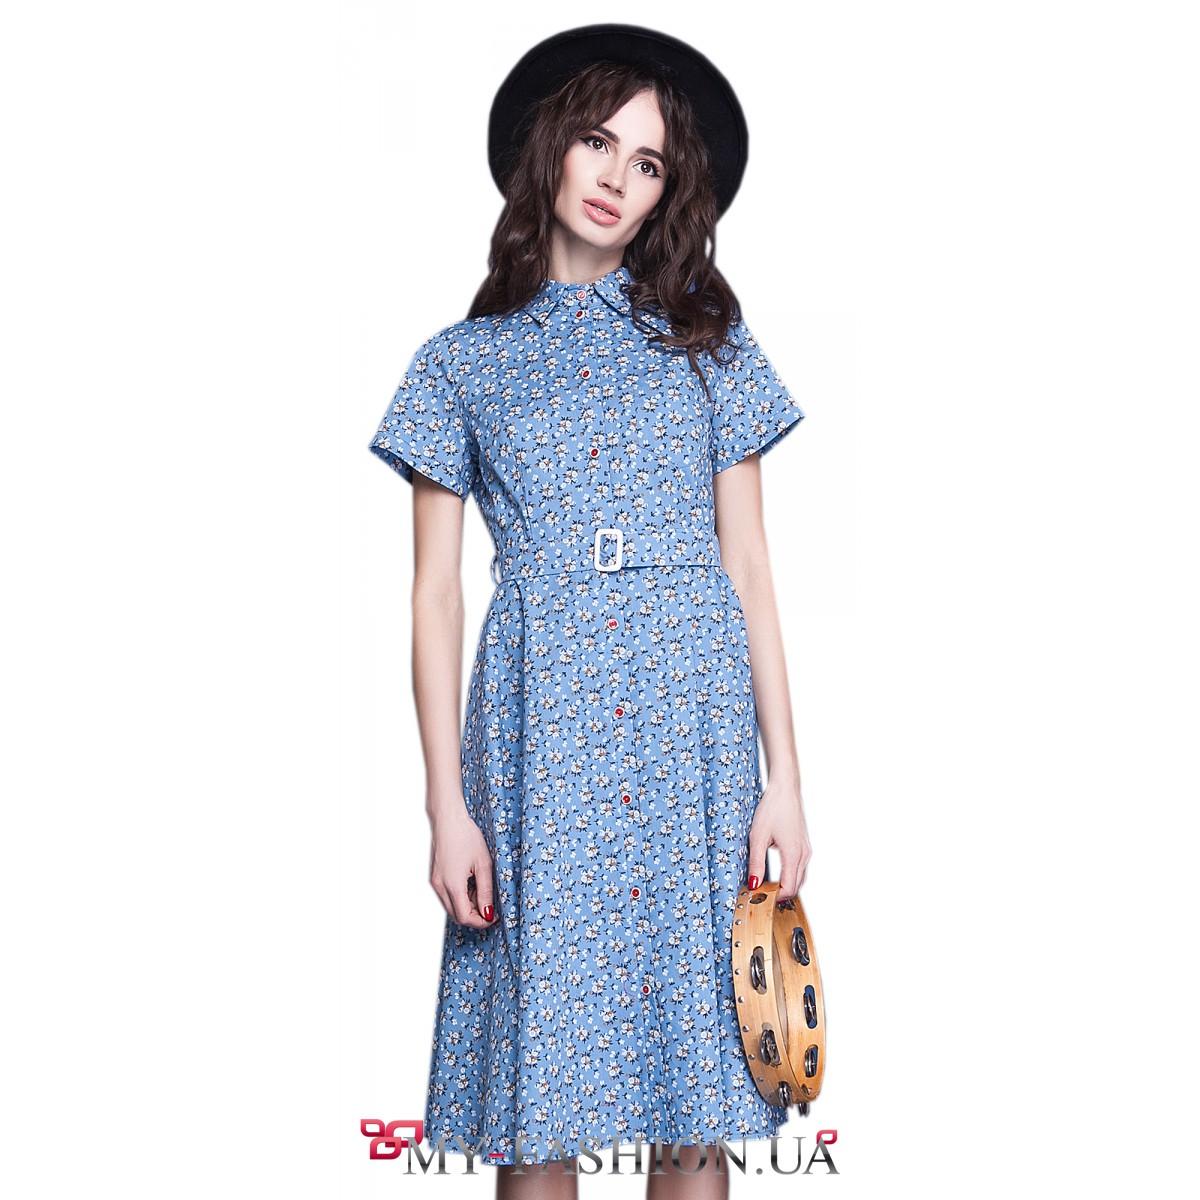 Джемпер платье с доставкой